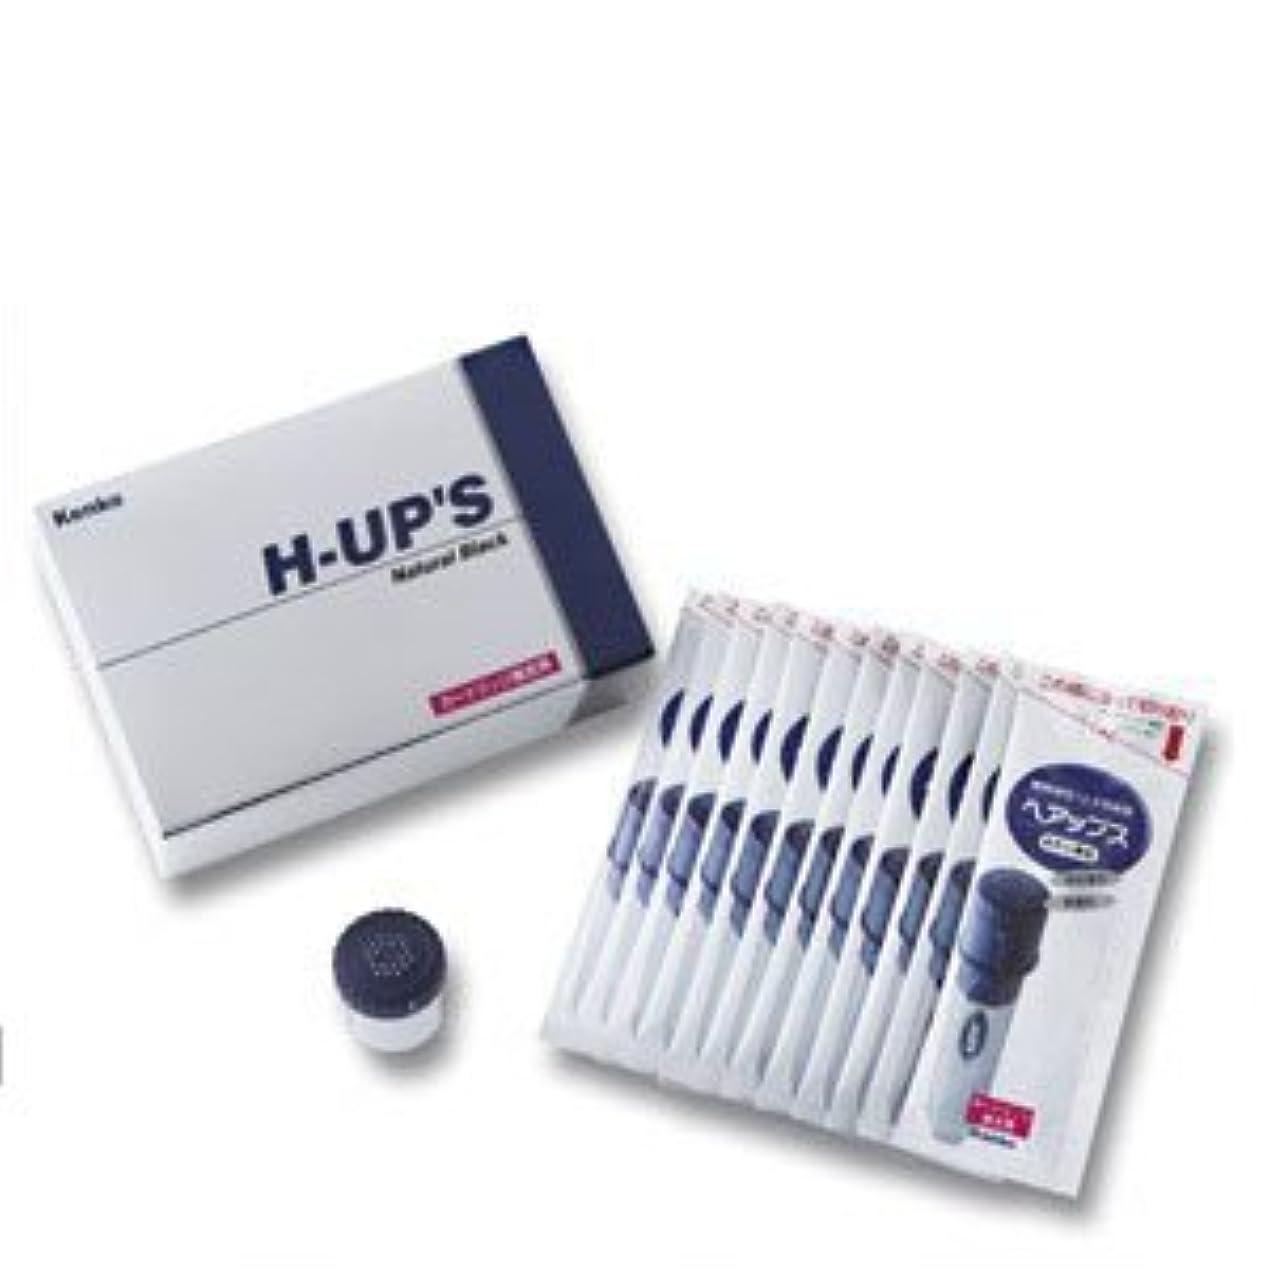 通貨過言立法H-UP S ヘアップス 補充用カートリッジ 頭皮薄毛カバー粉末 ブラウン